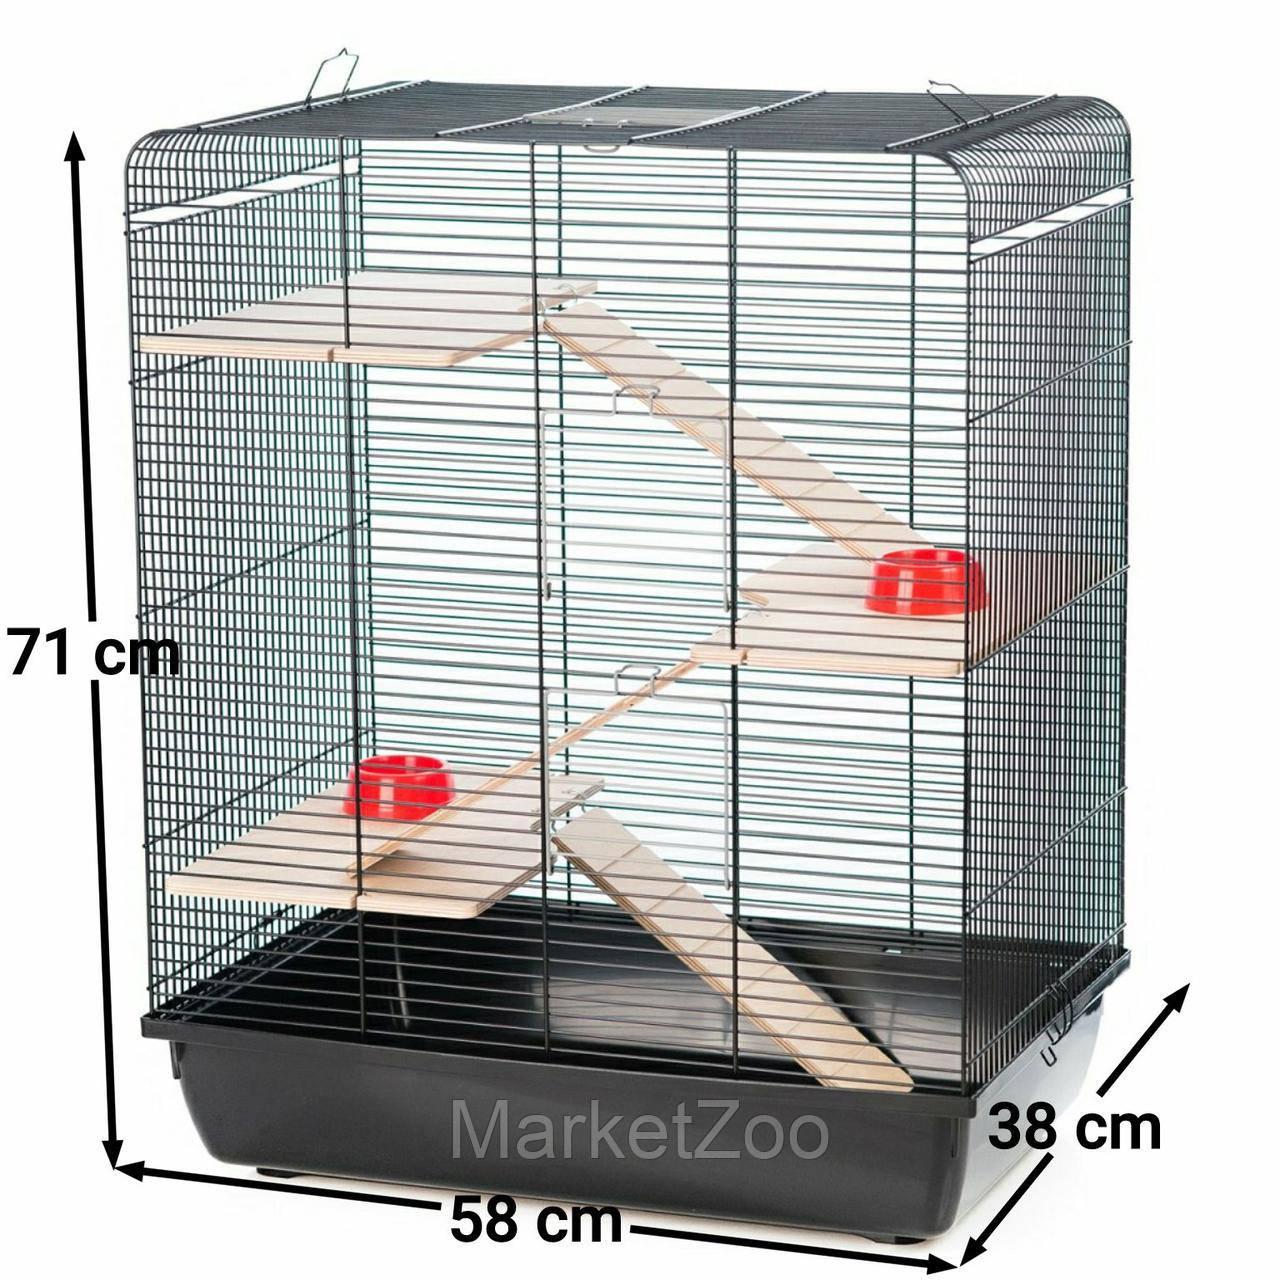 """Клетка Interzoo """"Remy"""" для крыс,хомяков,дегу или шиншилл.с комплектацией Размер: 580*380*710 мм."""